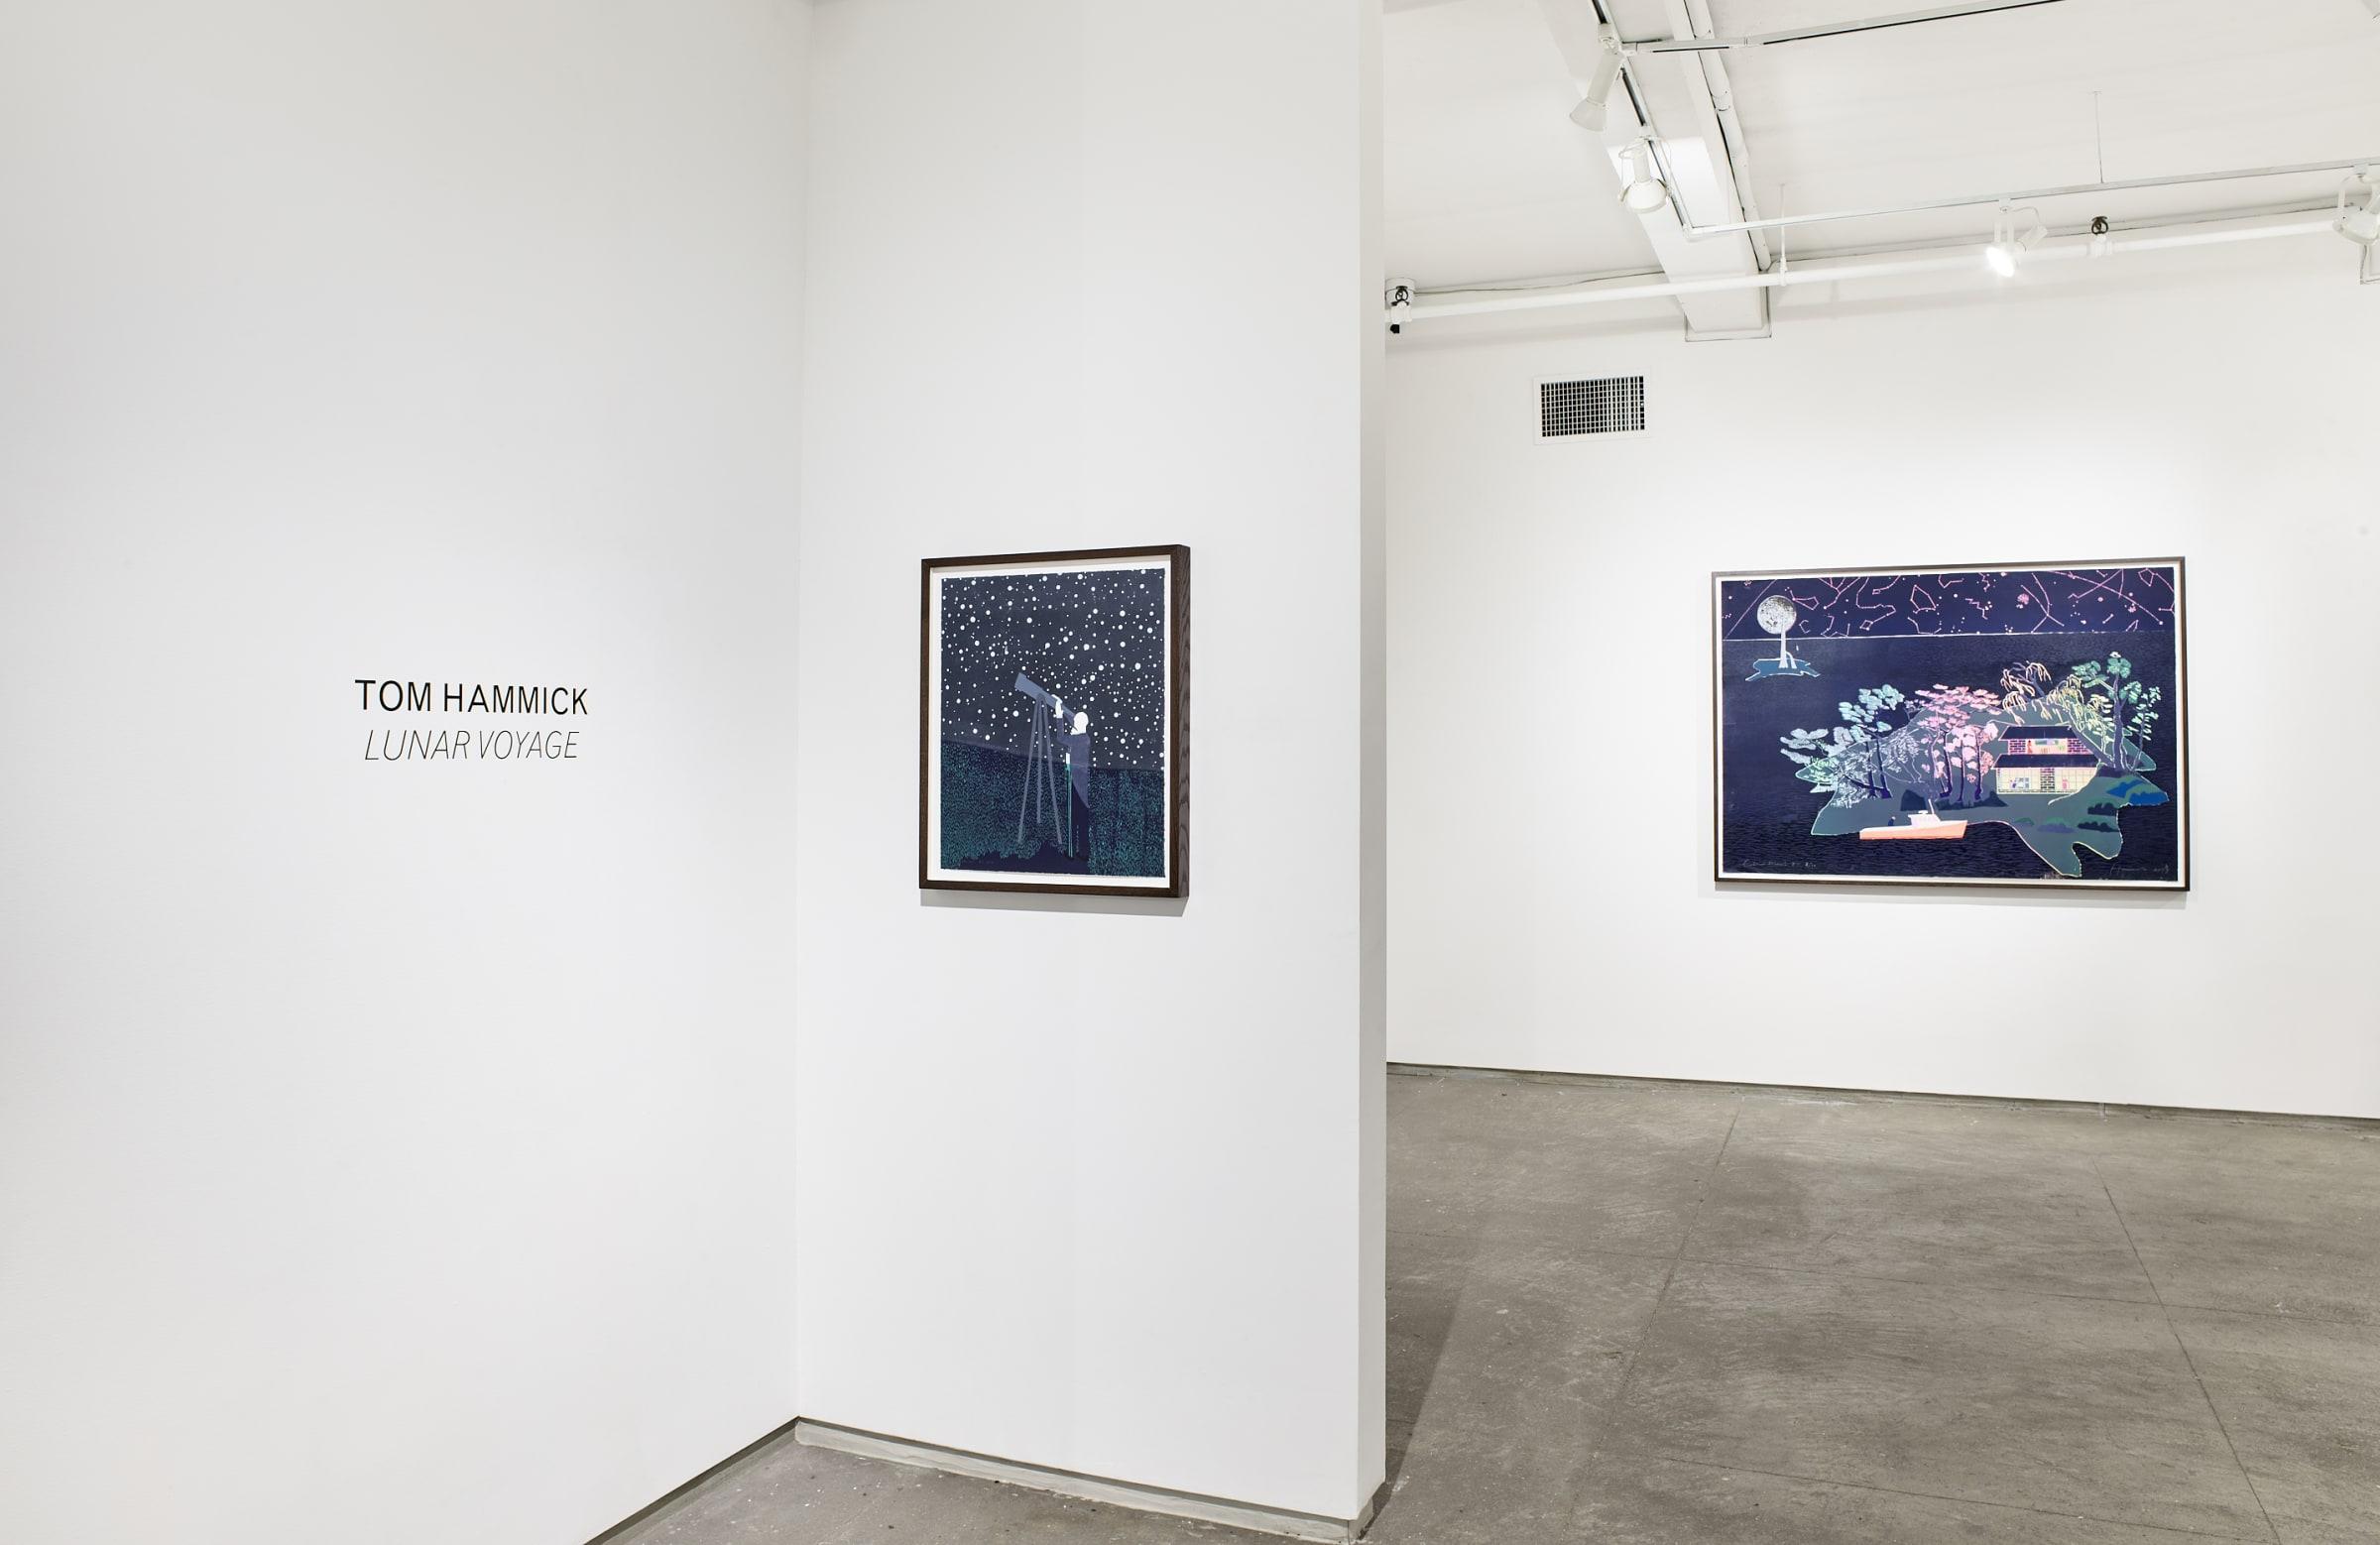 Tom Hammick Lunar Voyage